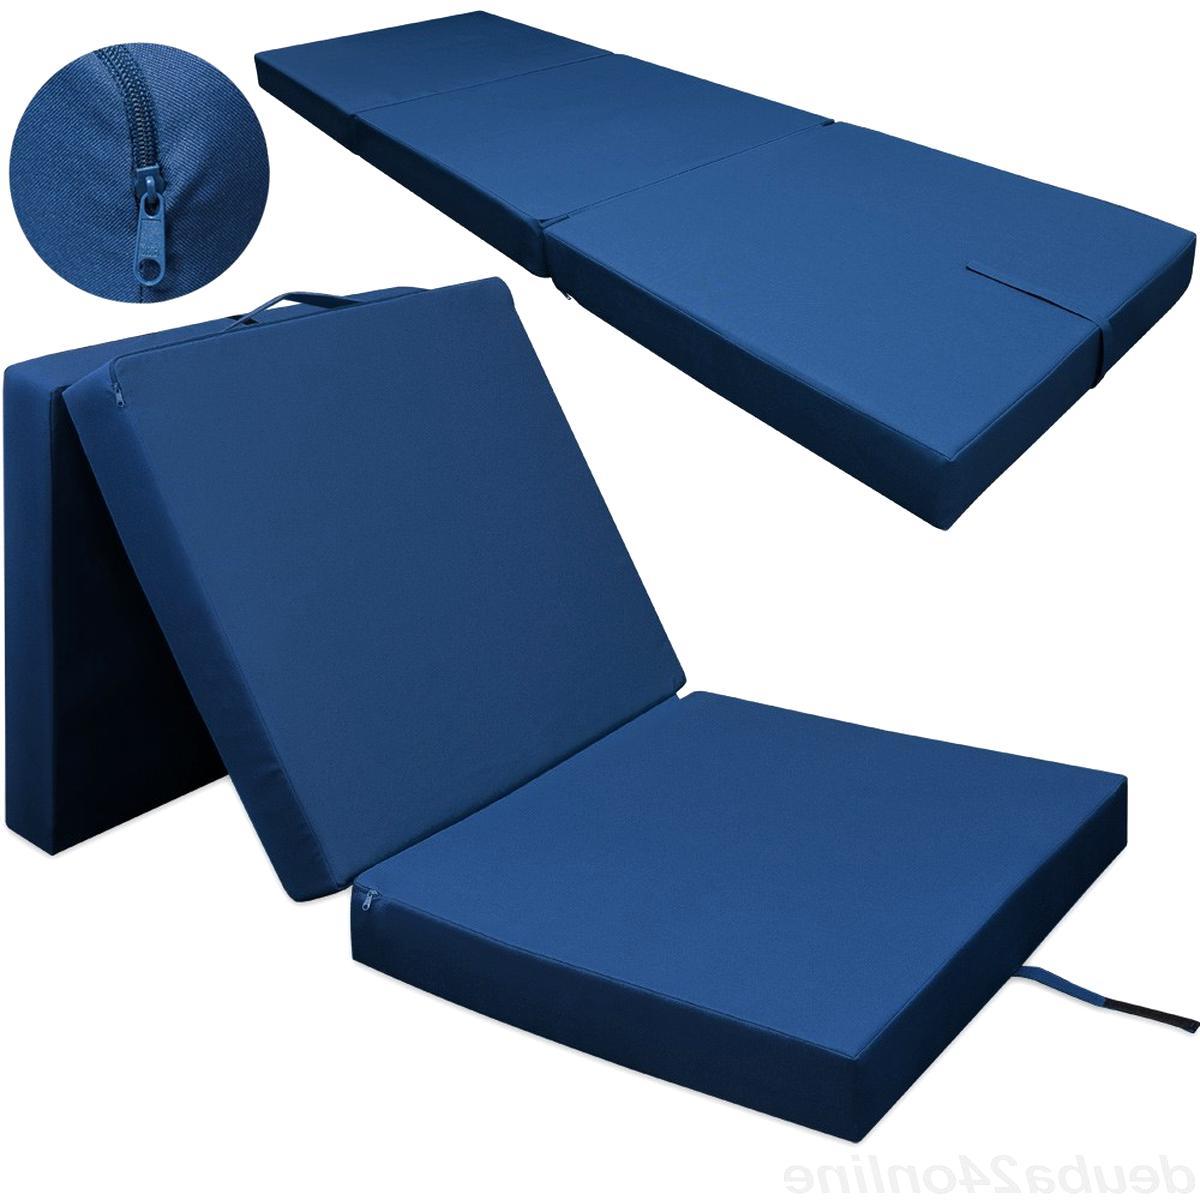 Faltbare Matratze Gebraucht Kaufen 2 St Bis 70 Gunstiger